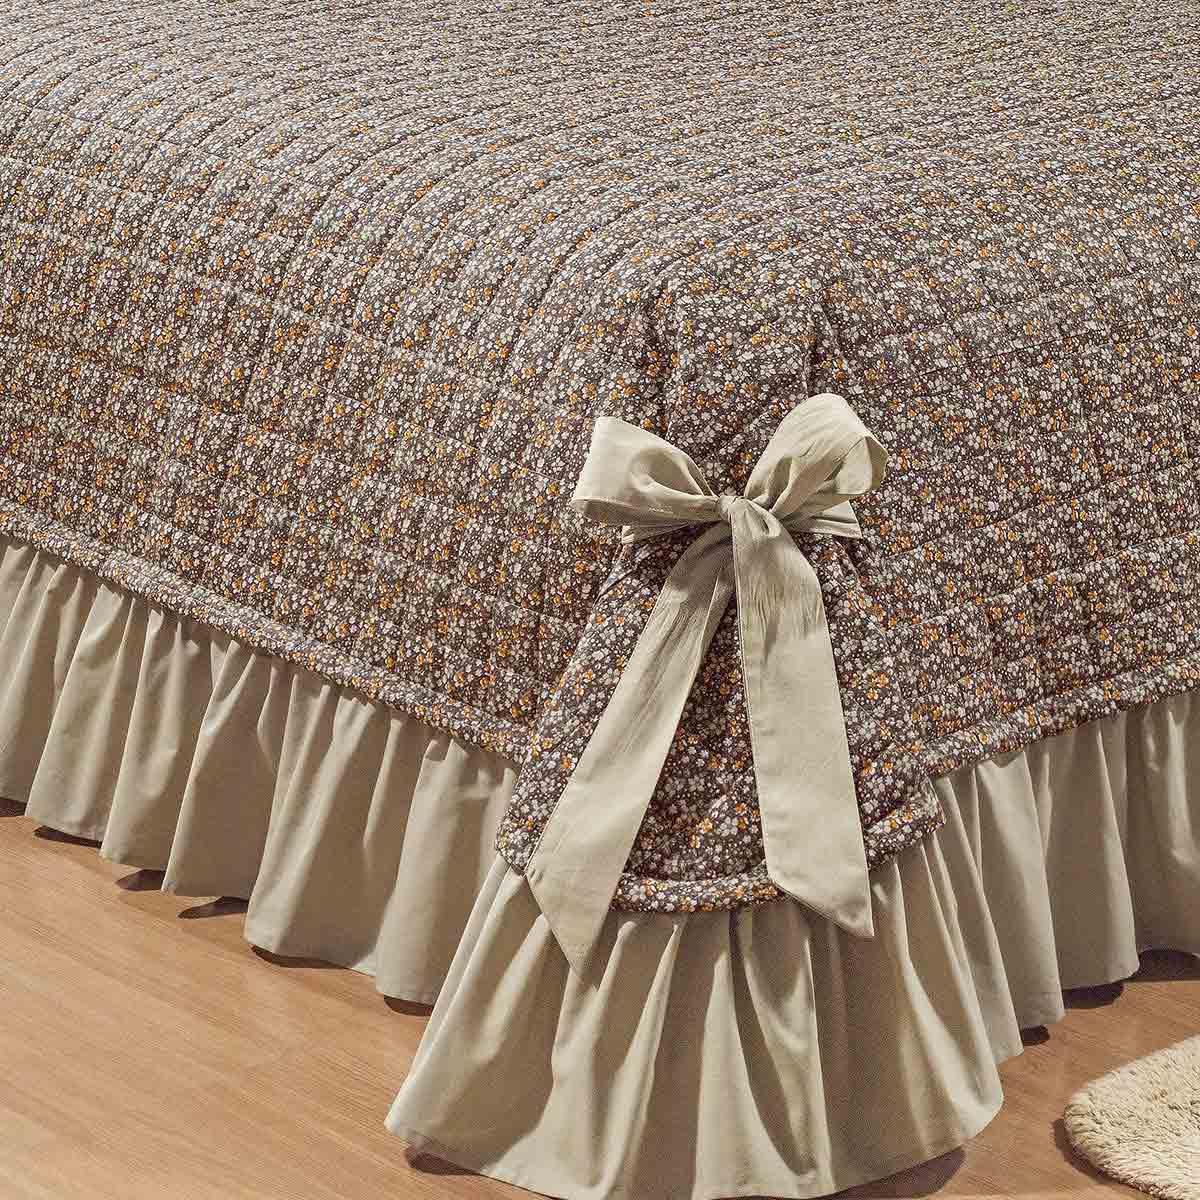 Colcha Queen Kit Doce Lar 150 Fios Estampado com 7 peças